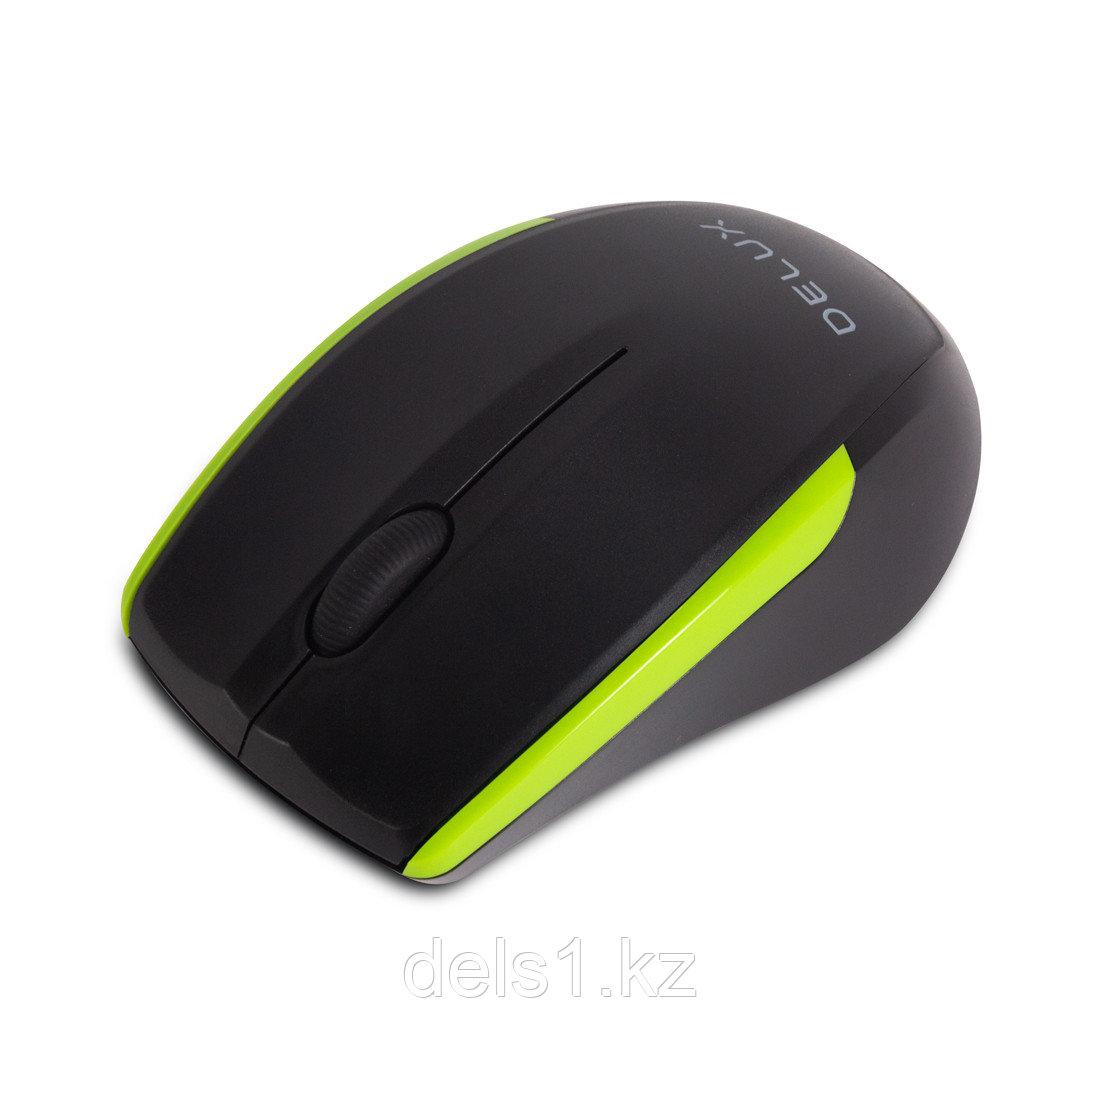 Мышь, Delux, DLM-321OGB, Оптическая, 800/1000/1600 dpi,Беспроводная 2.4ГГц,